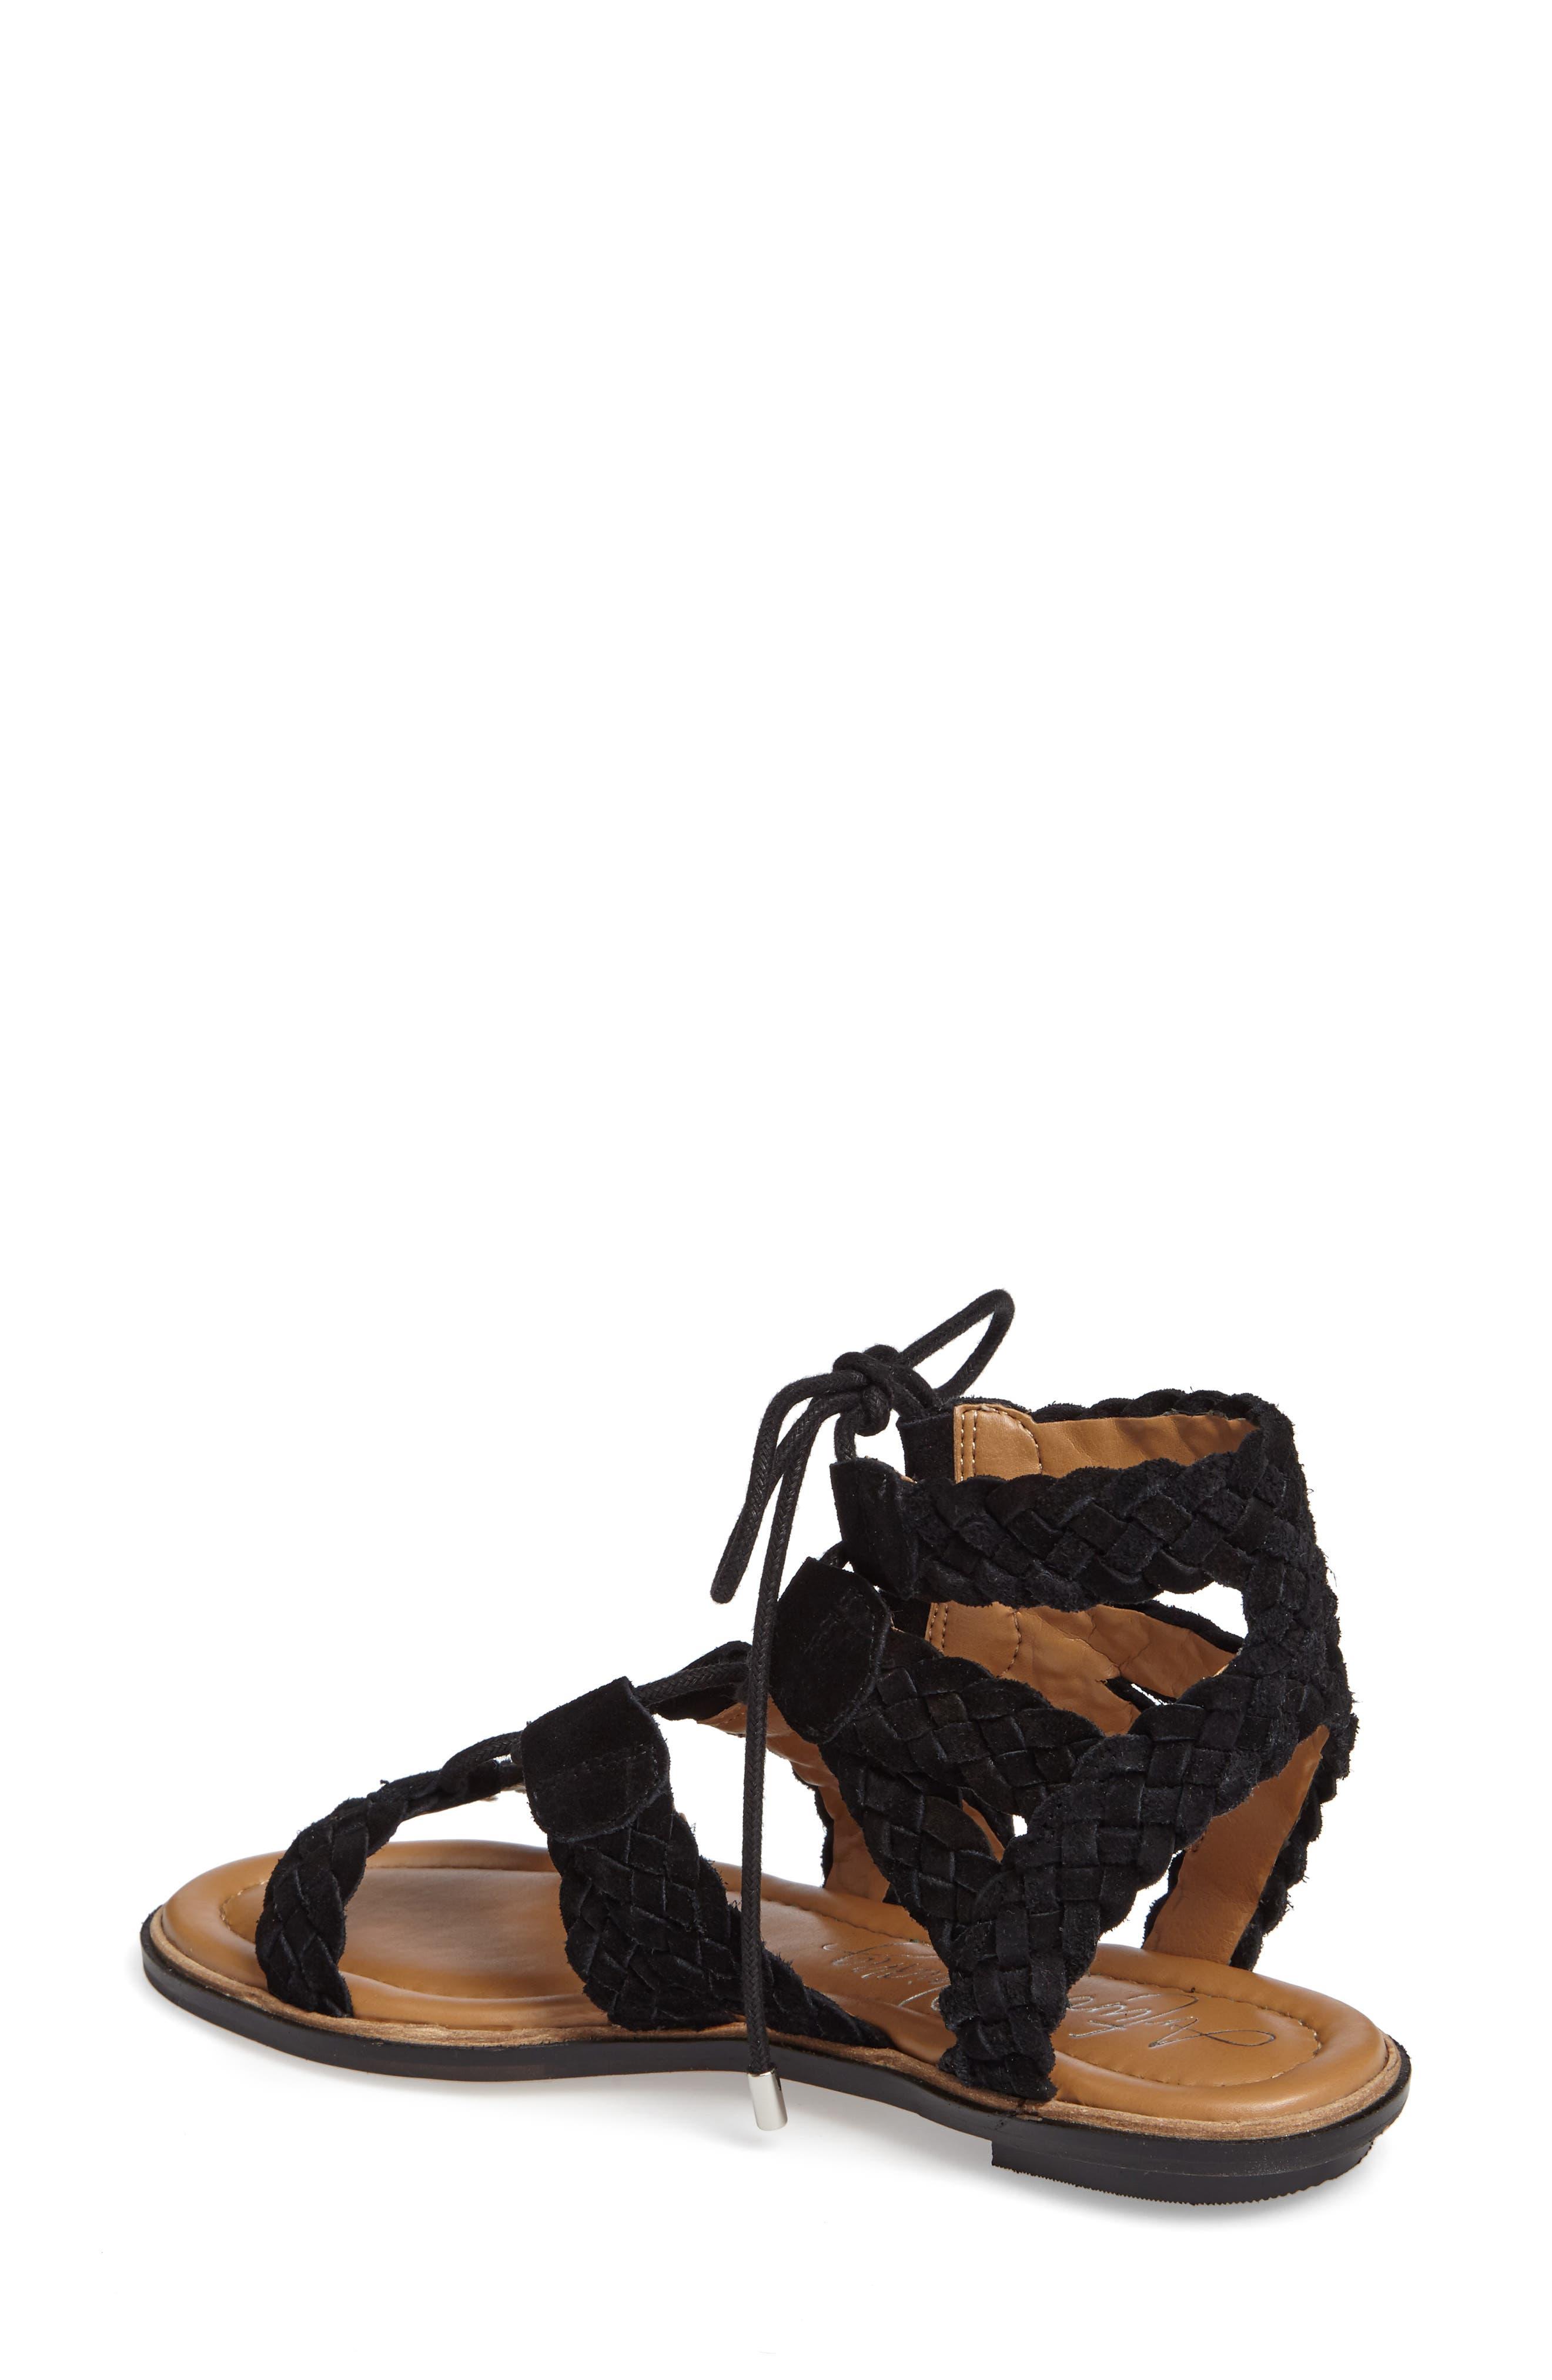 Cassie Lace-Up Sandal,                             Alternate thumbnail 2, color,                             001